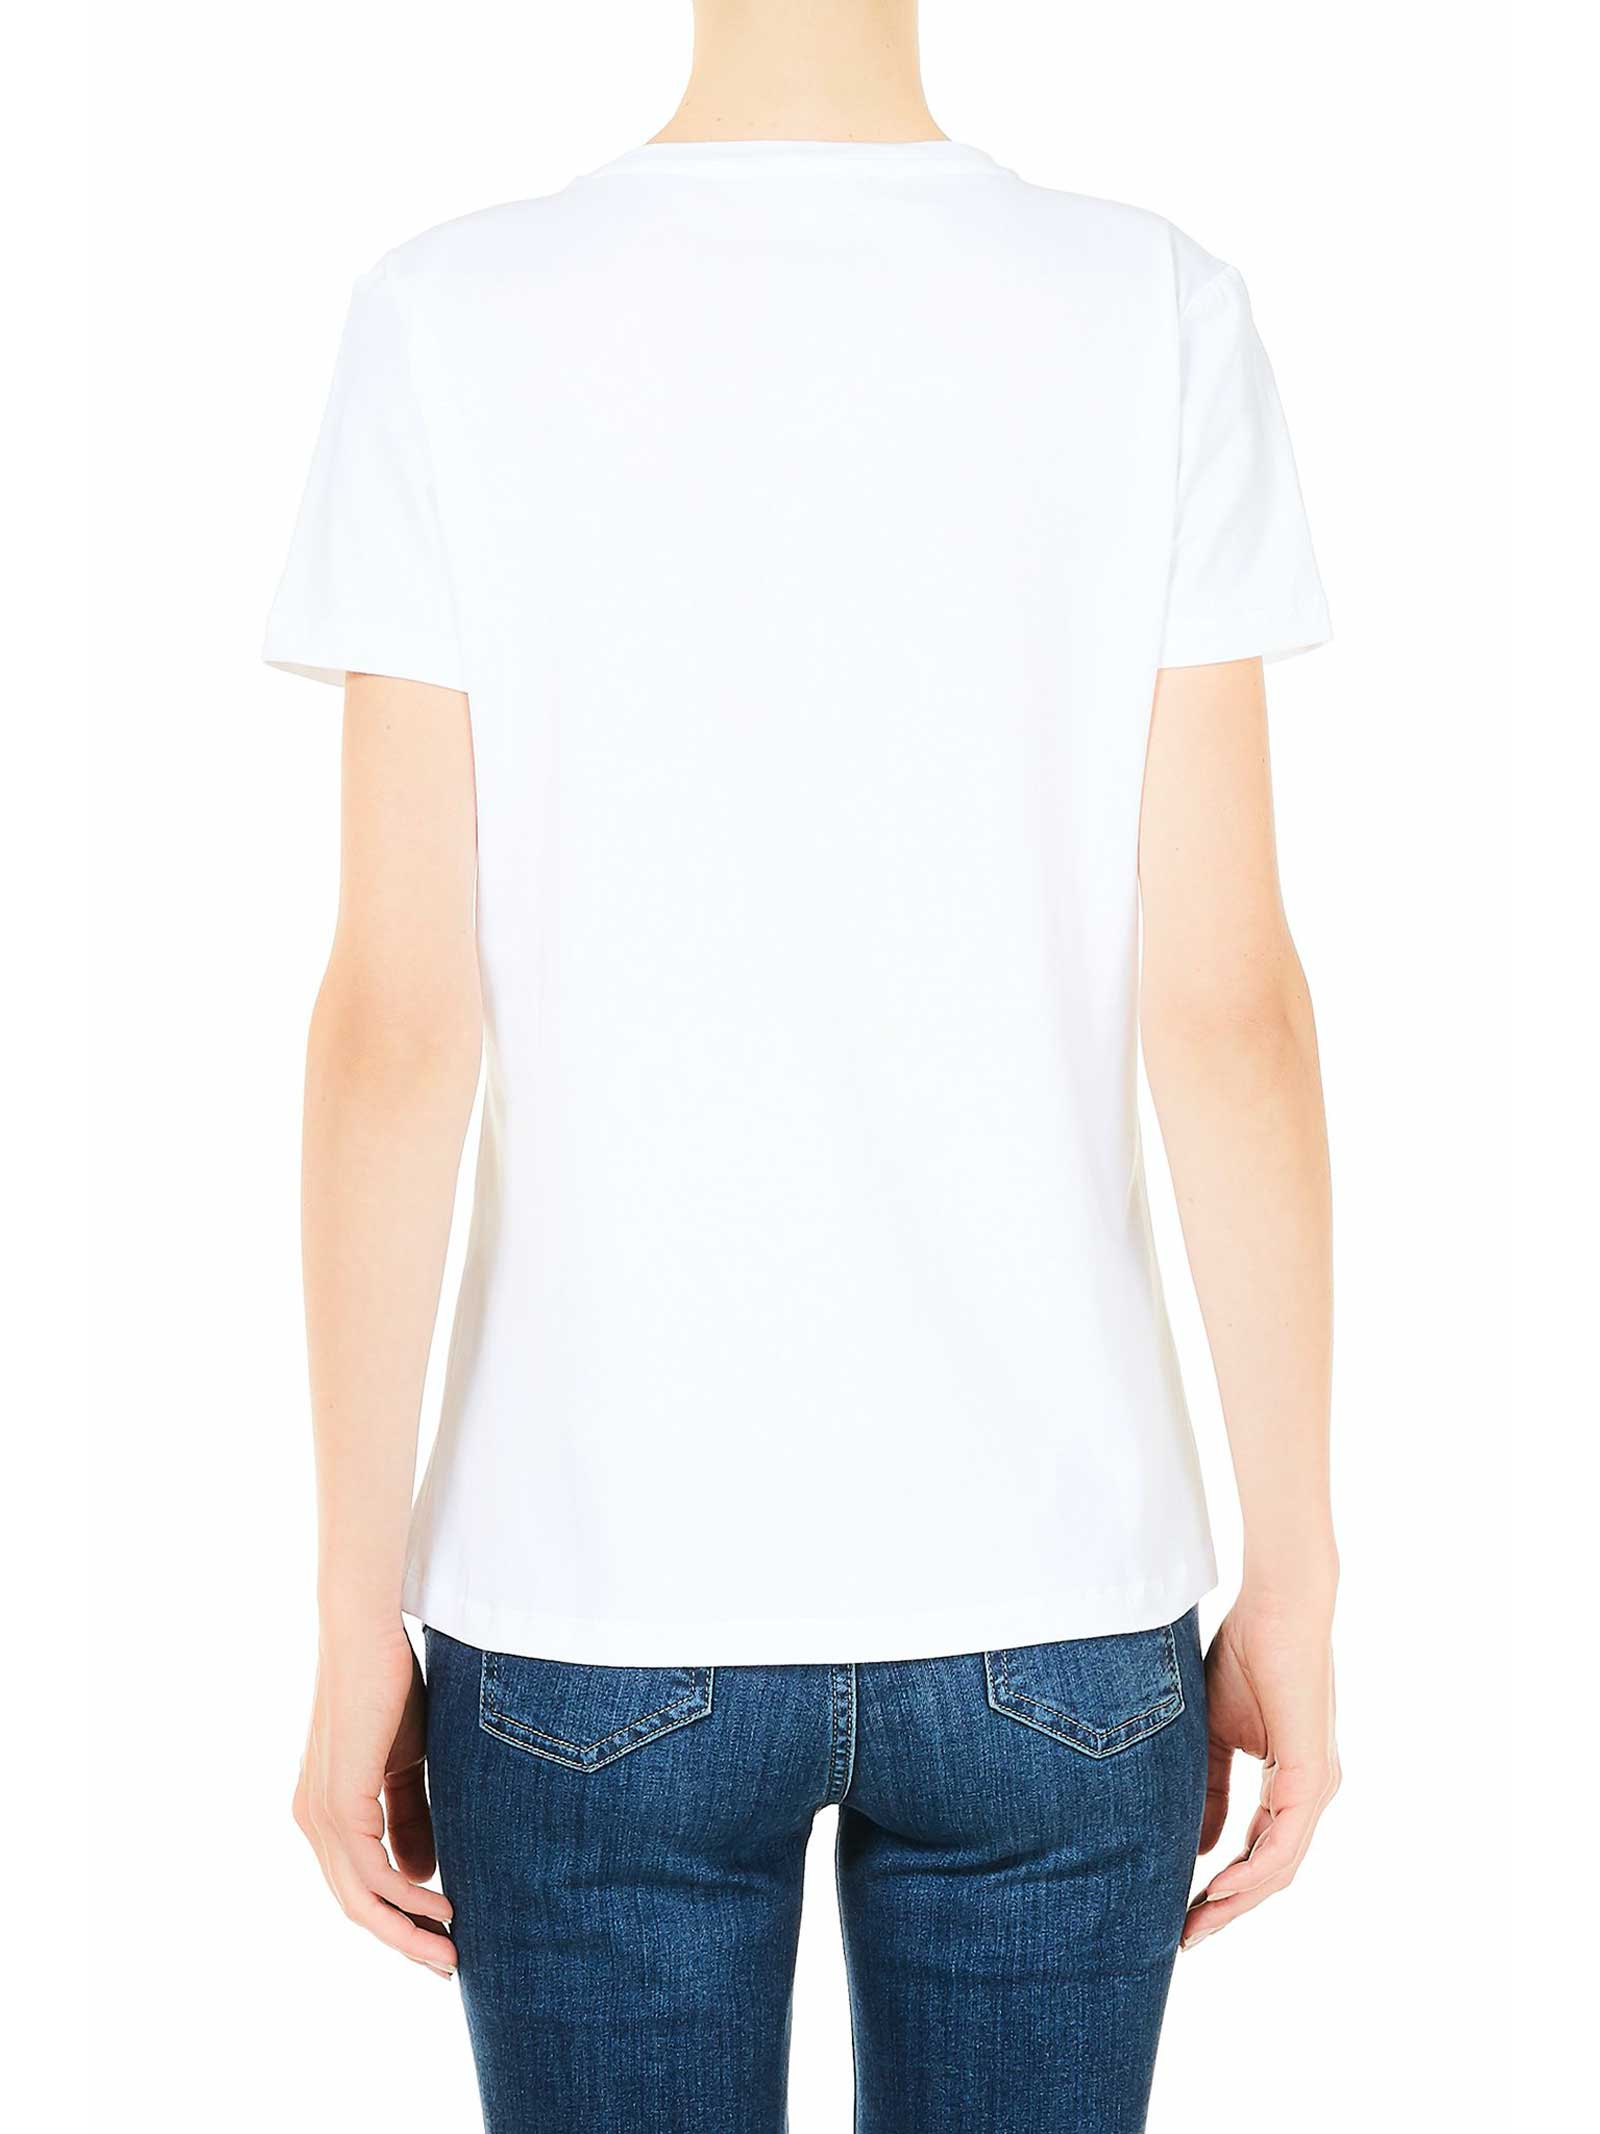 TOP LIU JO LIU JO | T-shirt | WA1562-J5003T9348